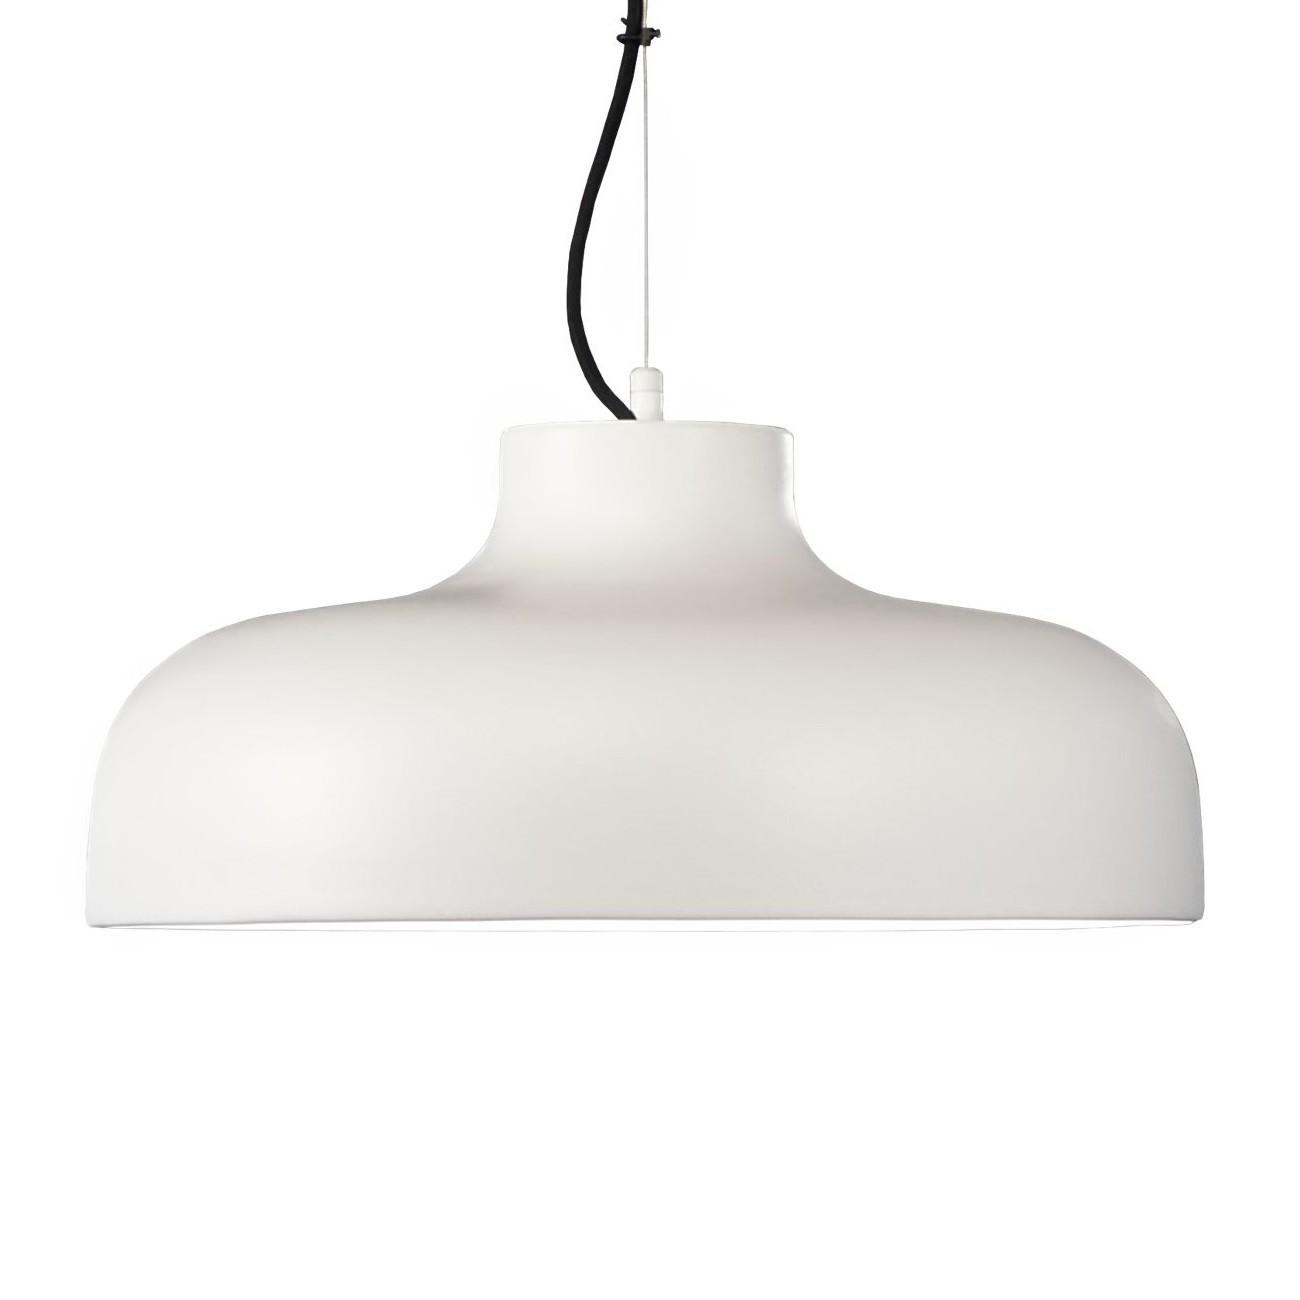 m68 hanging lamp